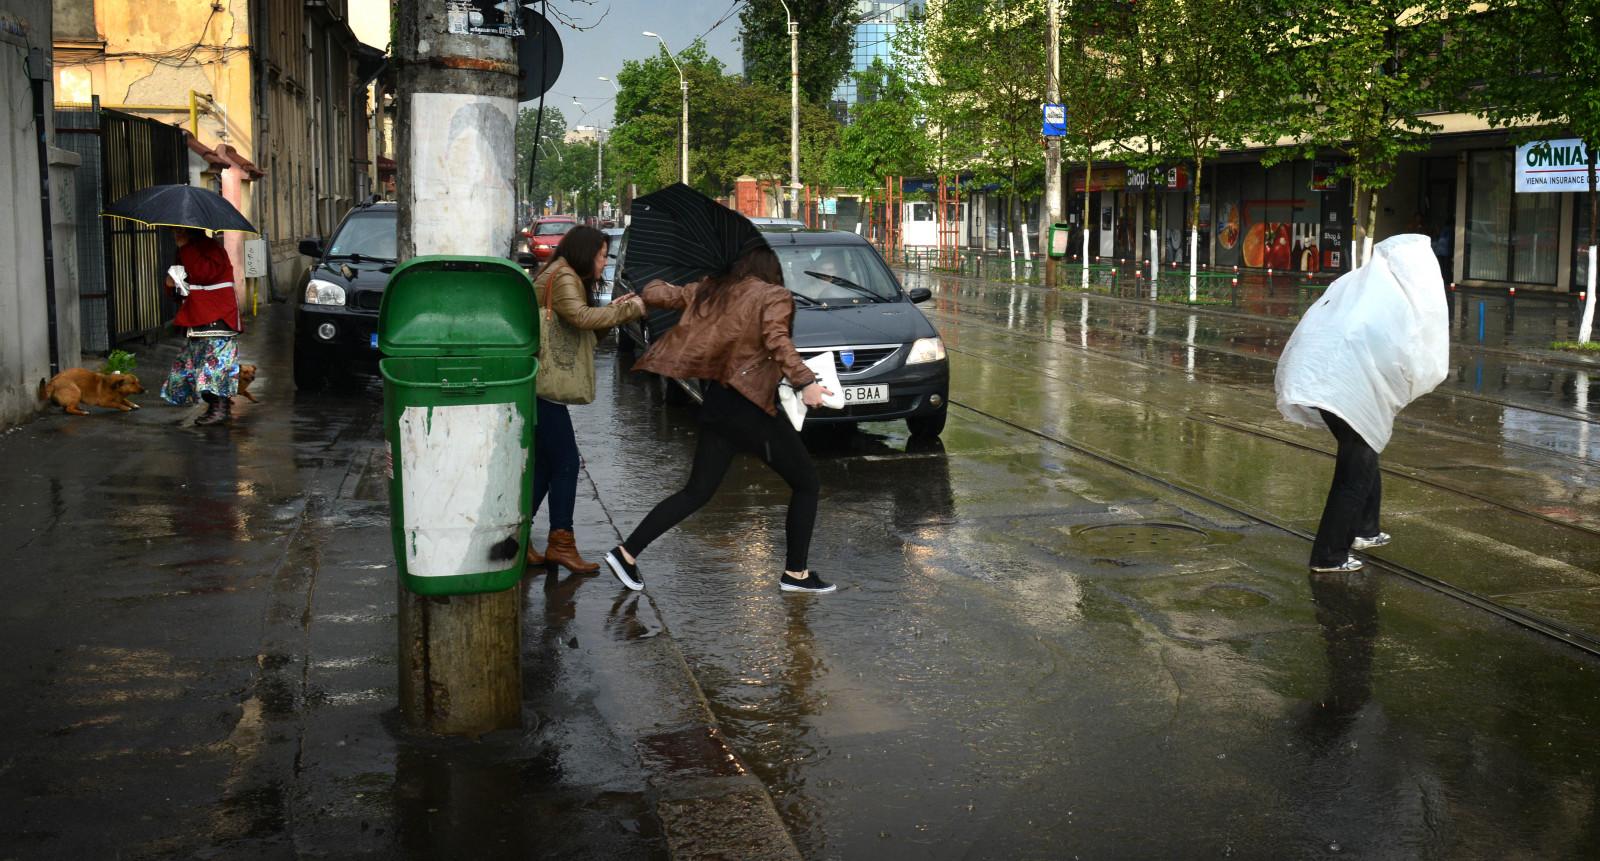 Ploi şi temperaturi scăzute în toată ţara